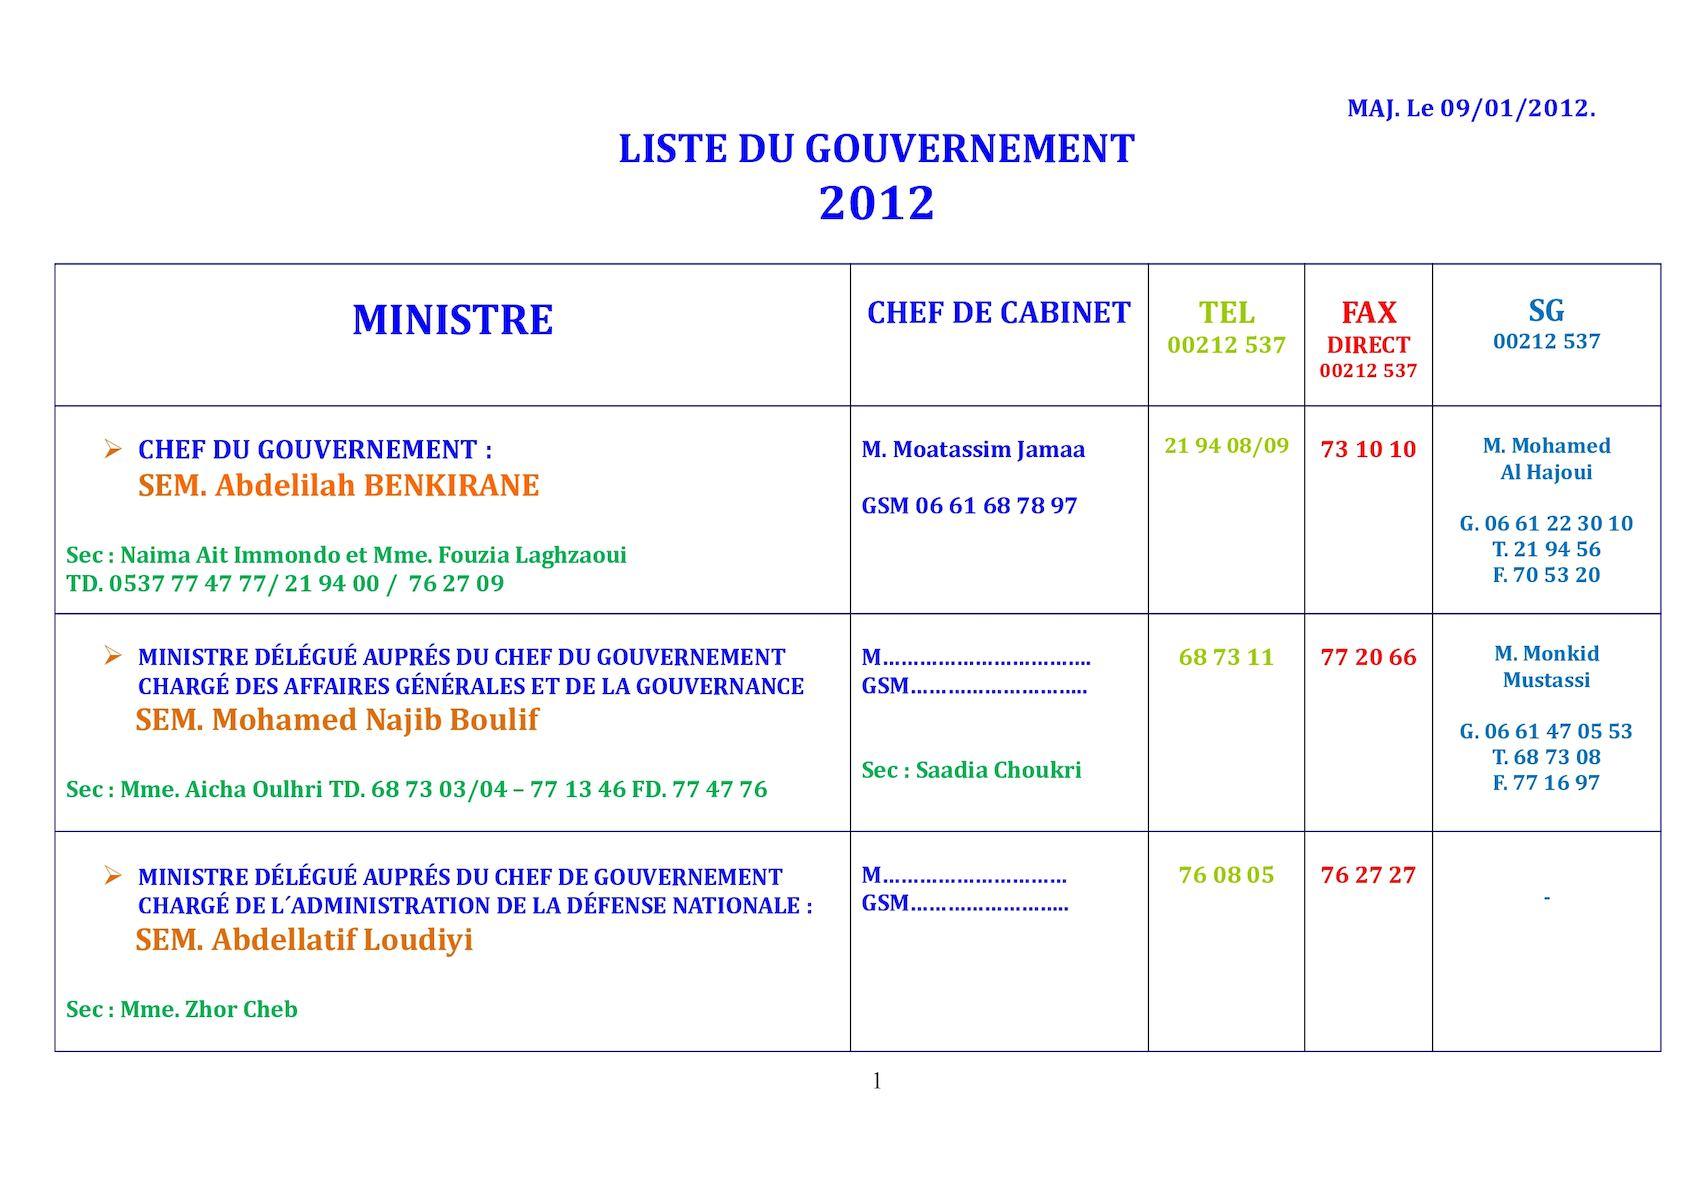 Liste Chefs De Cabinet Gouv 2012